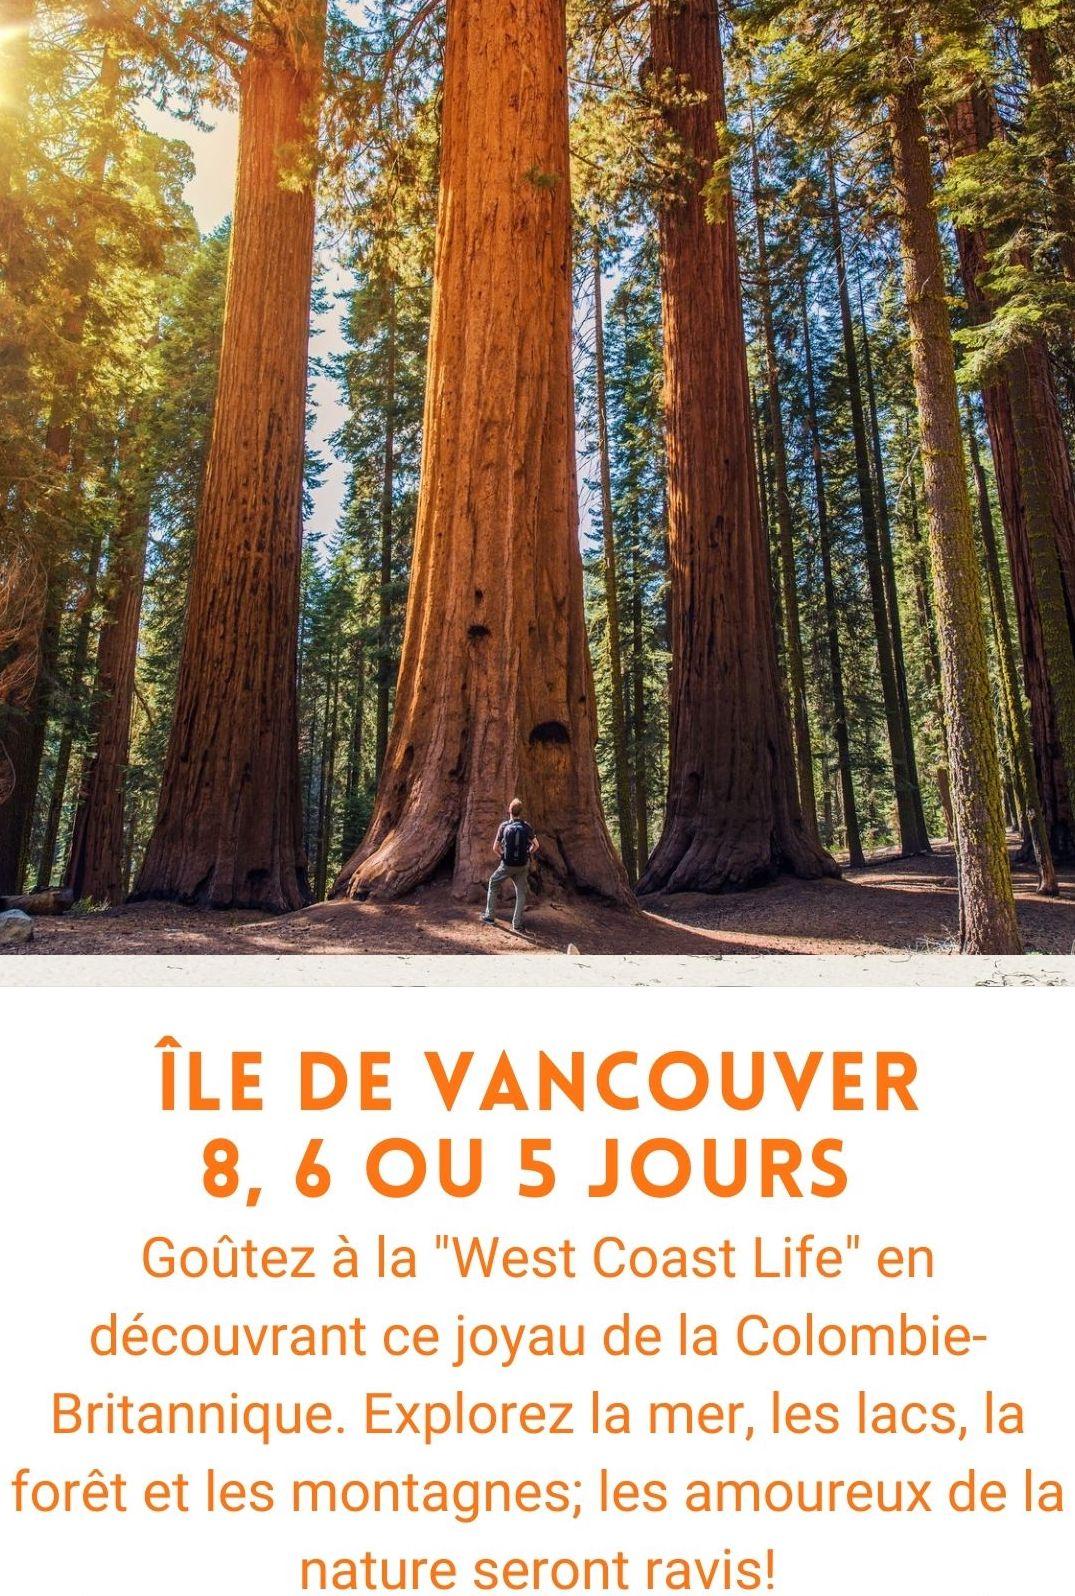 Voyage organisé Île de Vancouver